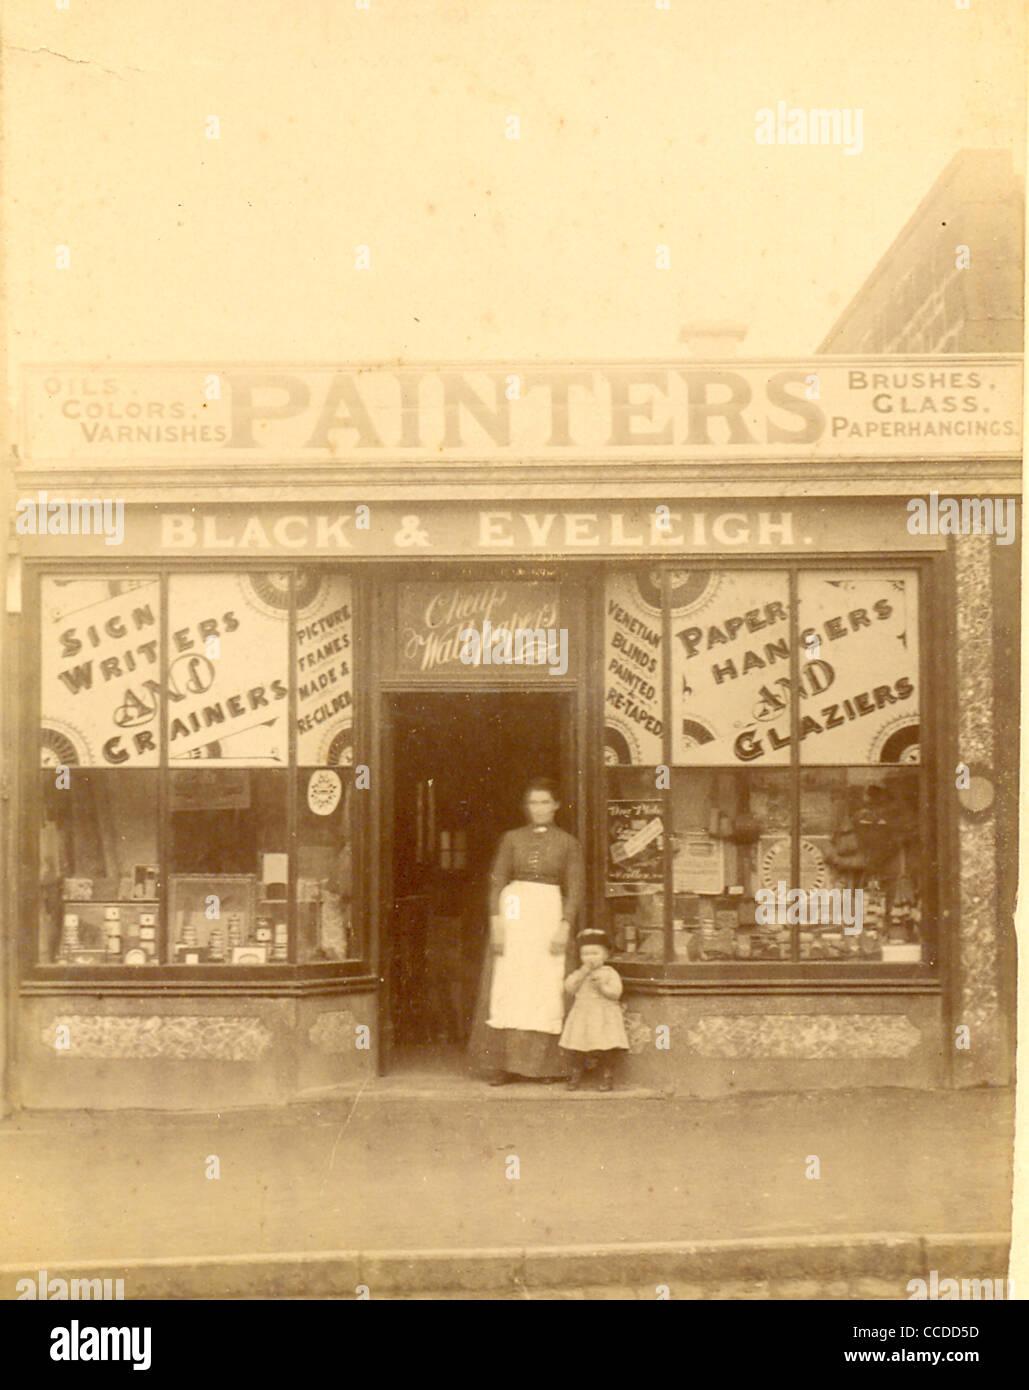 Kabinettfoto des Zeichenschriftstellers und Malershops, Black & Eveleigh um 1895 Stockfoto